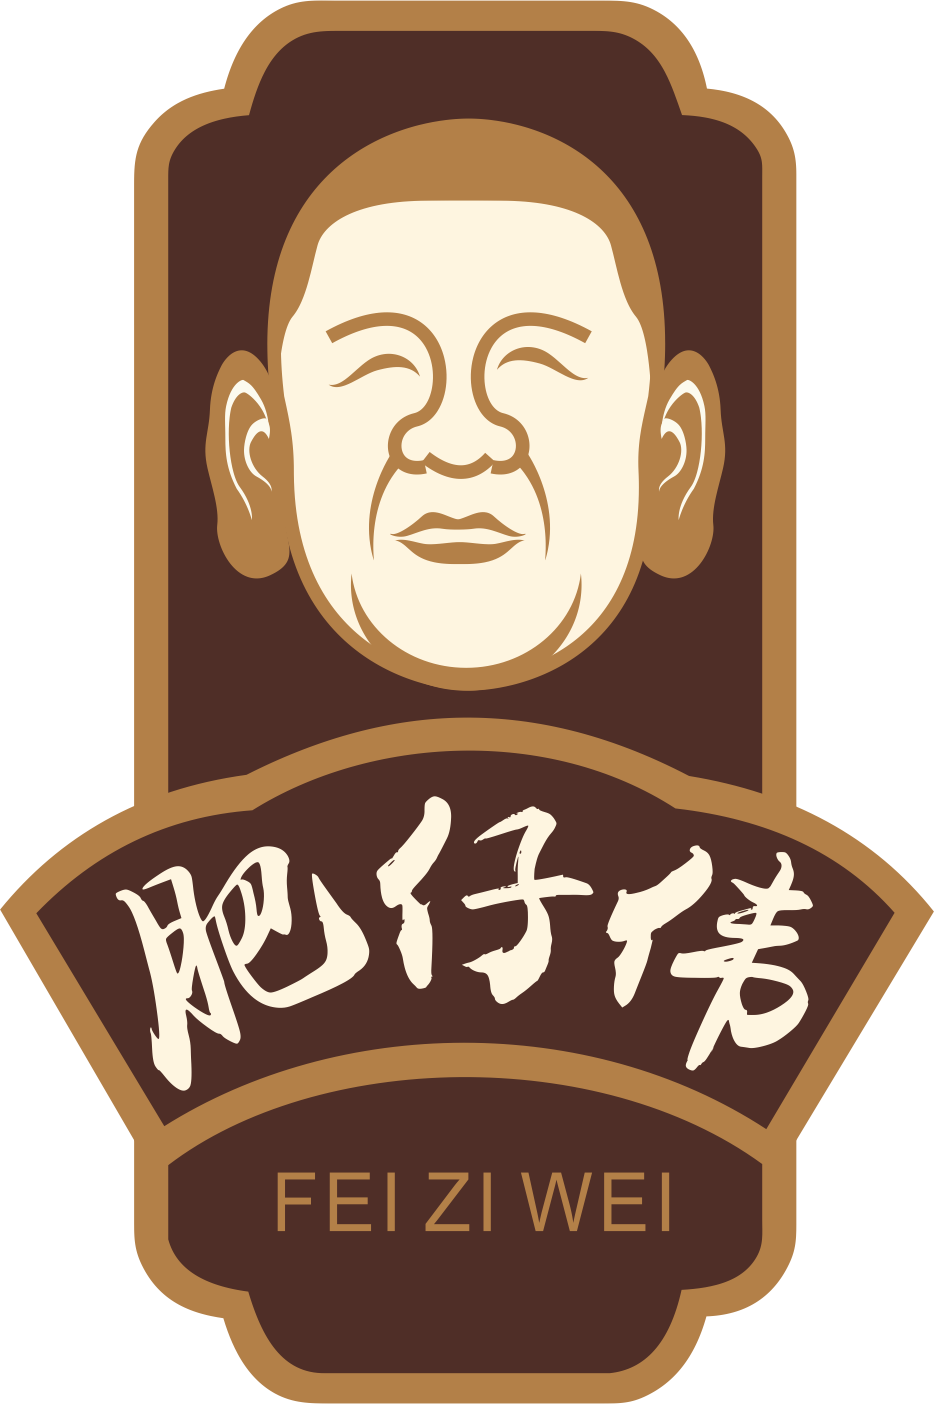 肇庆市肥仔伟食品有限公司